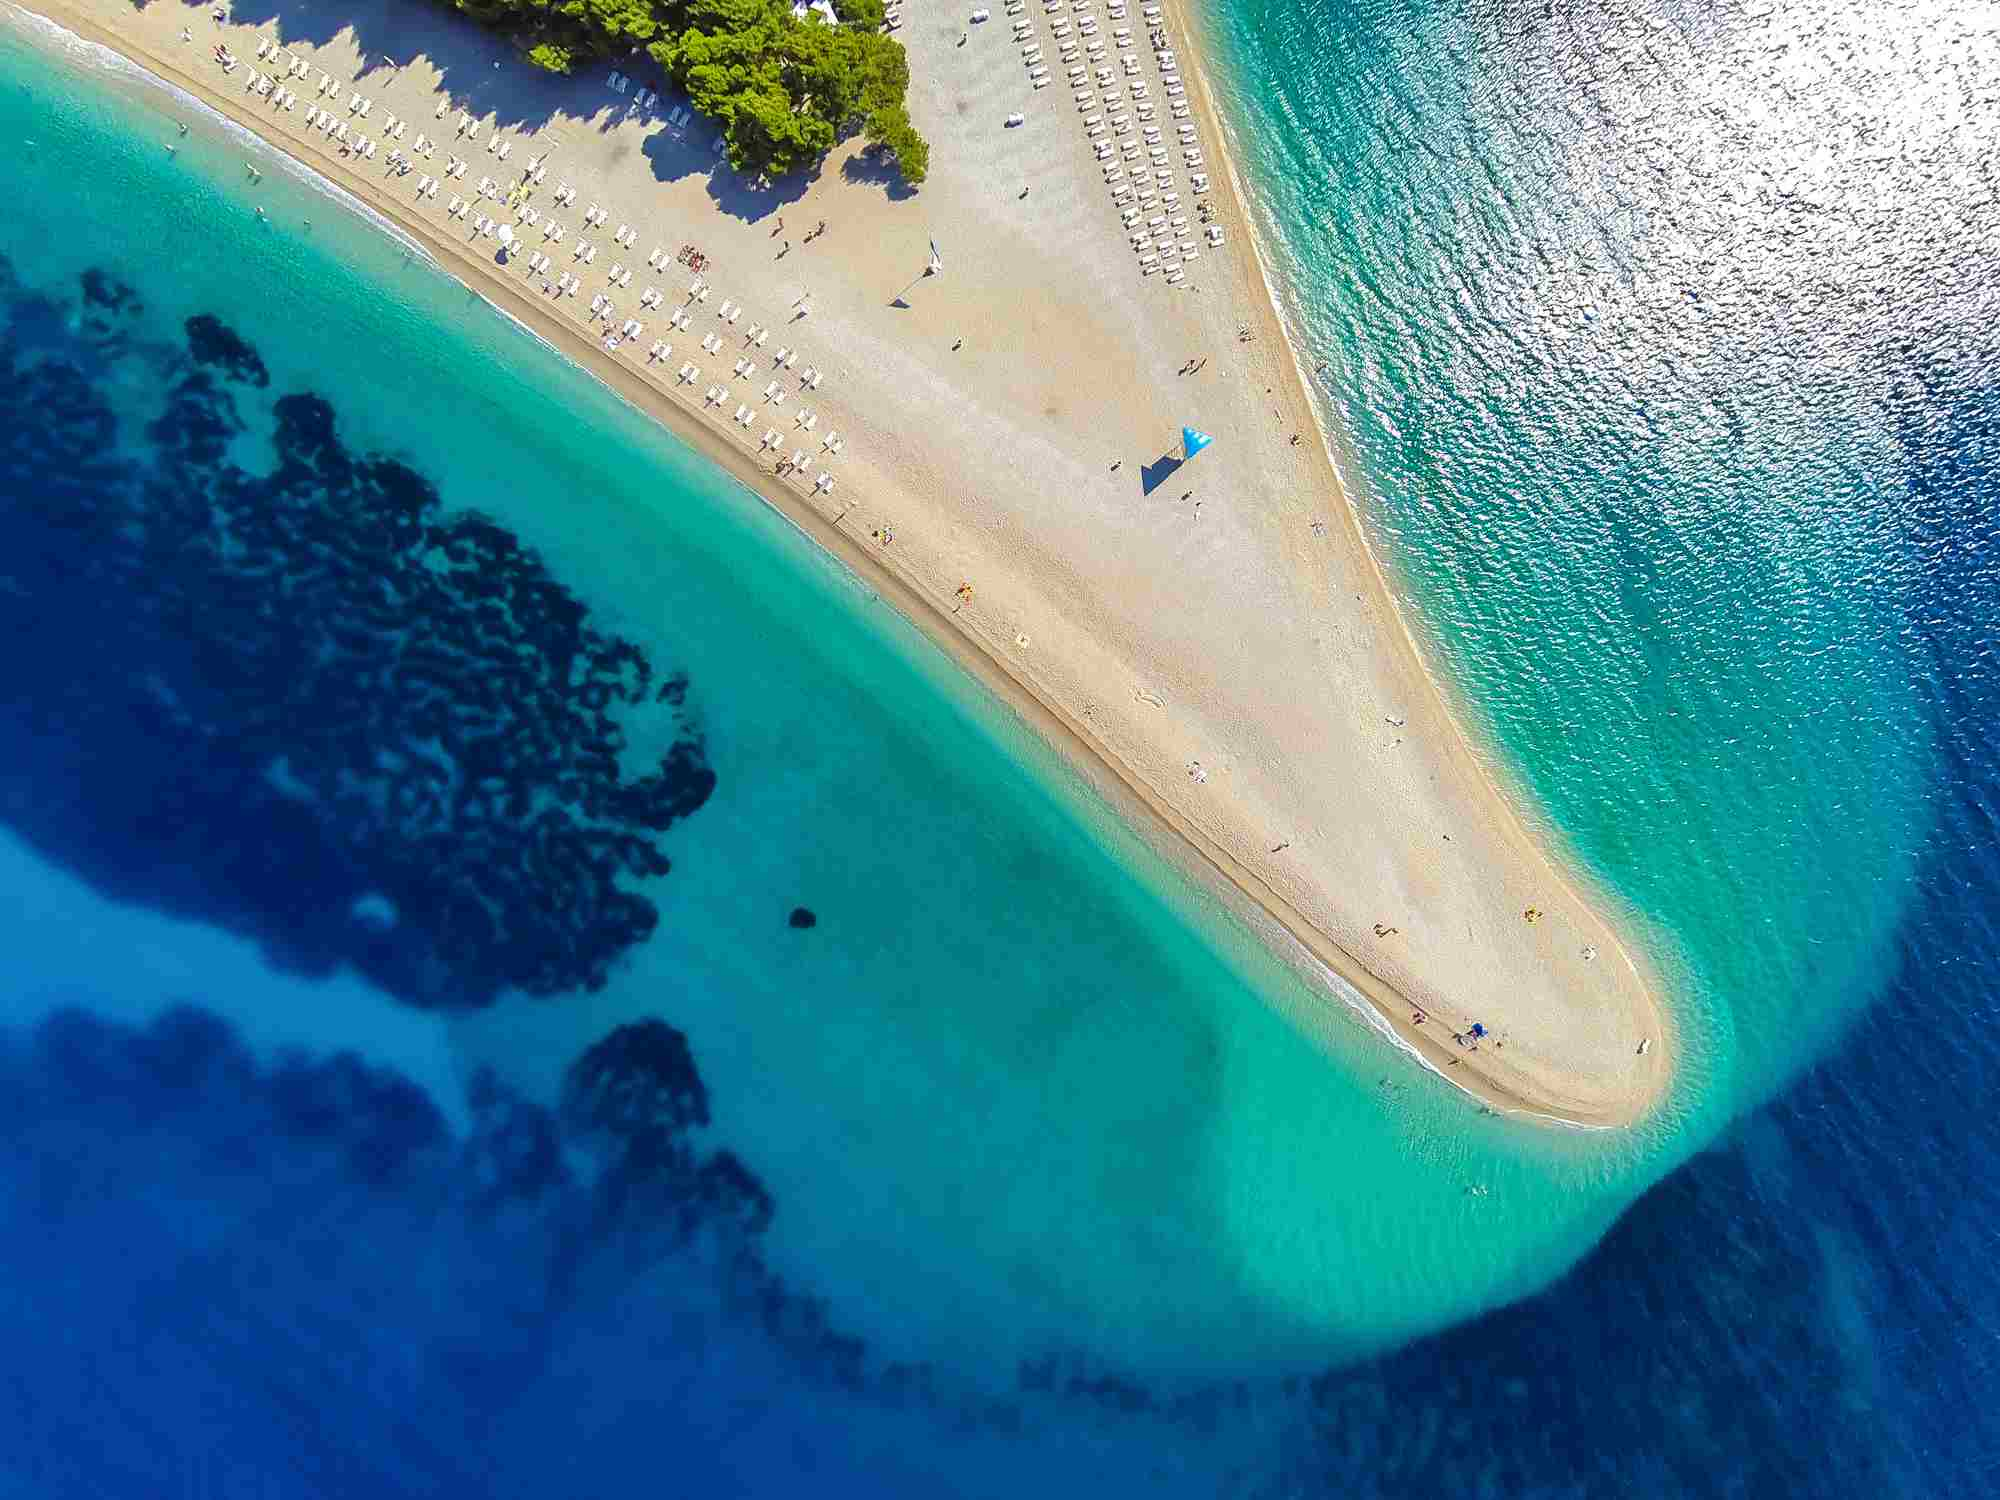 Zlatni rat beach, Bol, Brac island, Dalmatia, Croatia